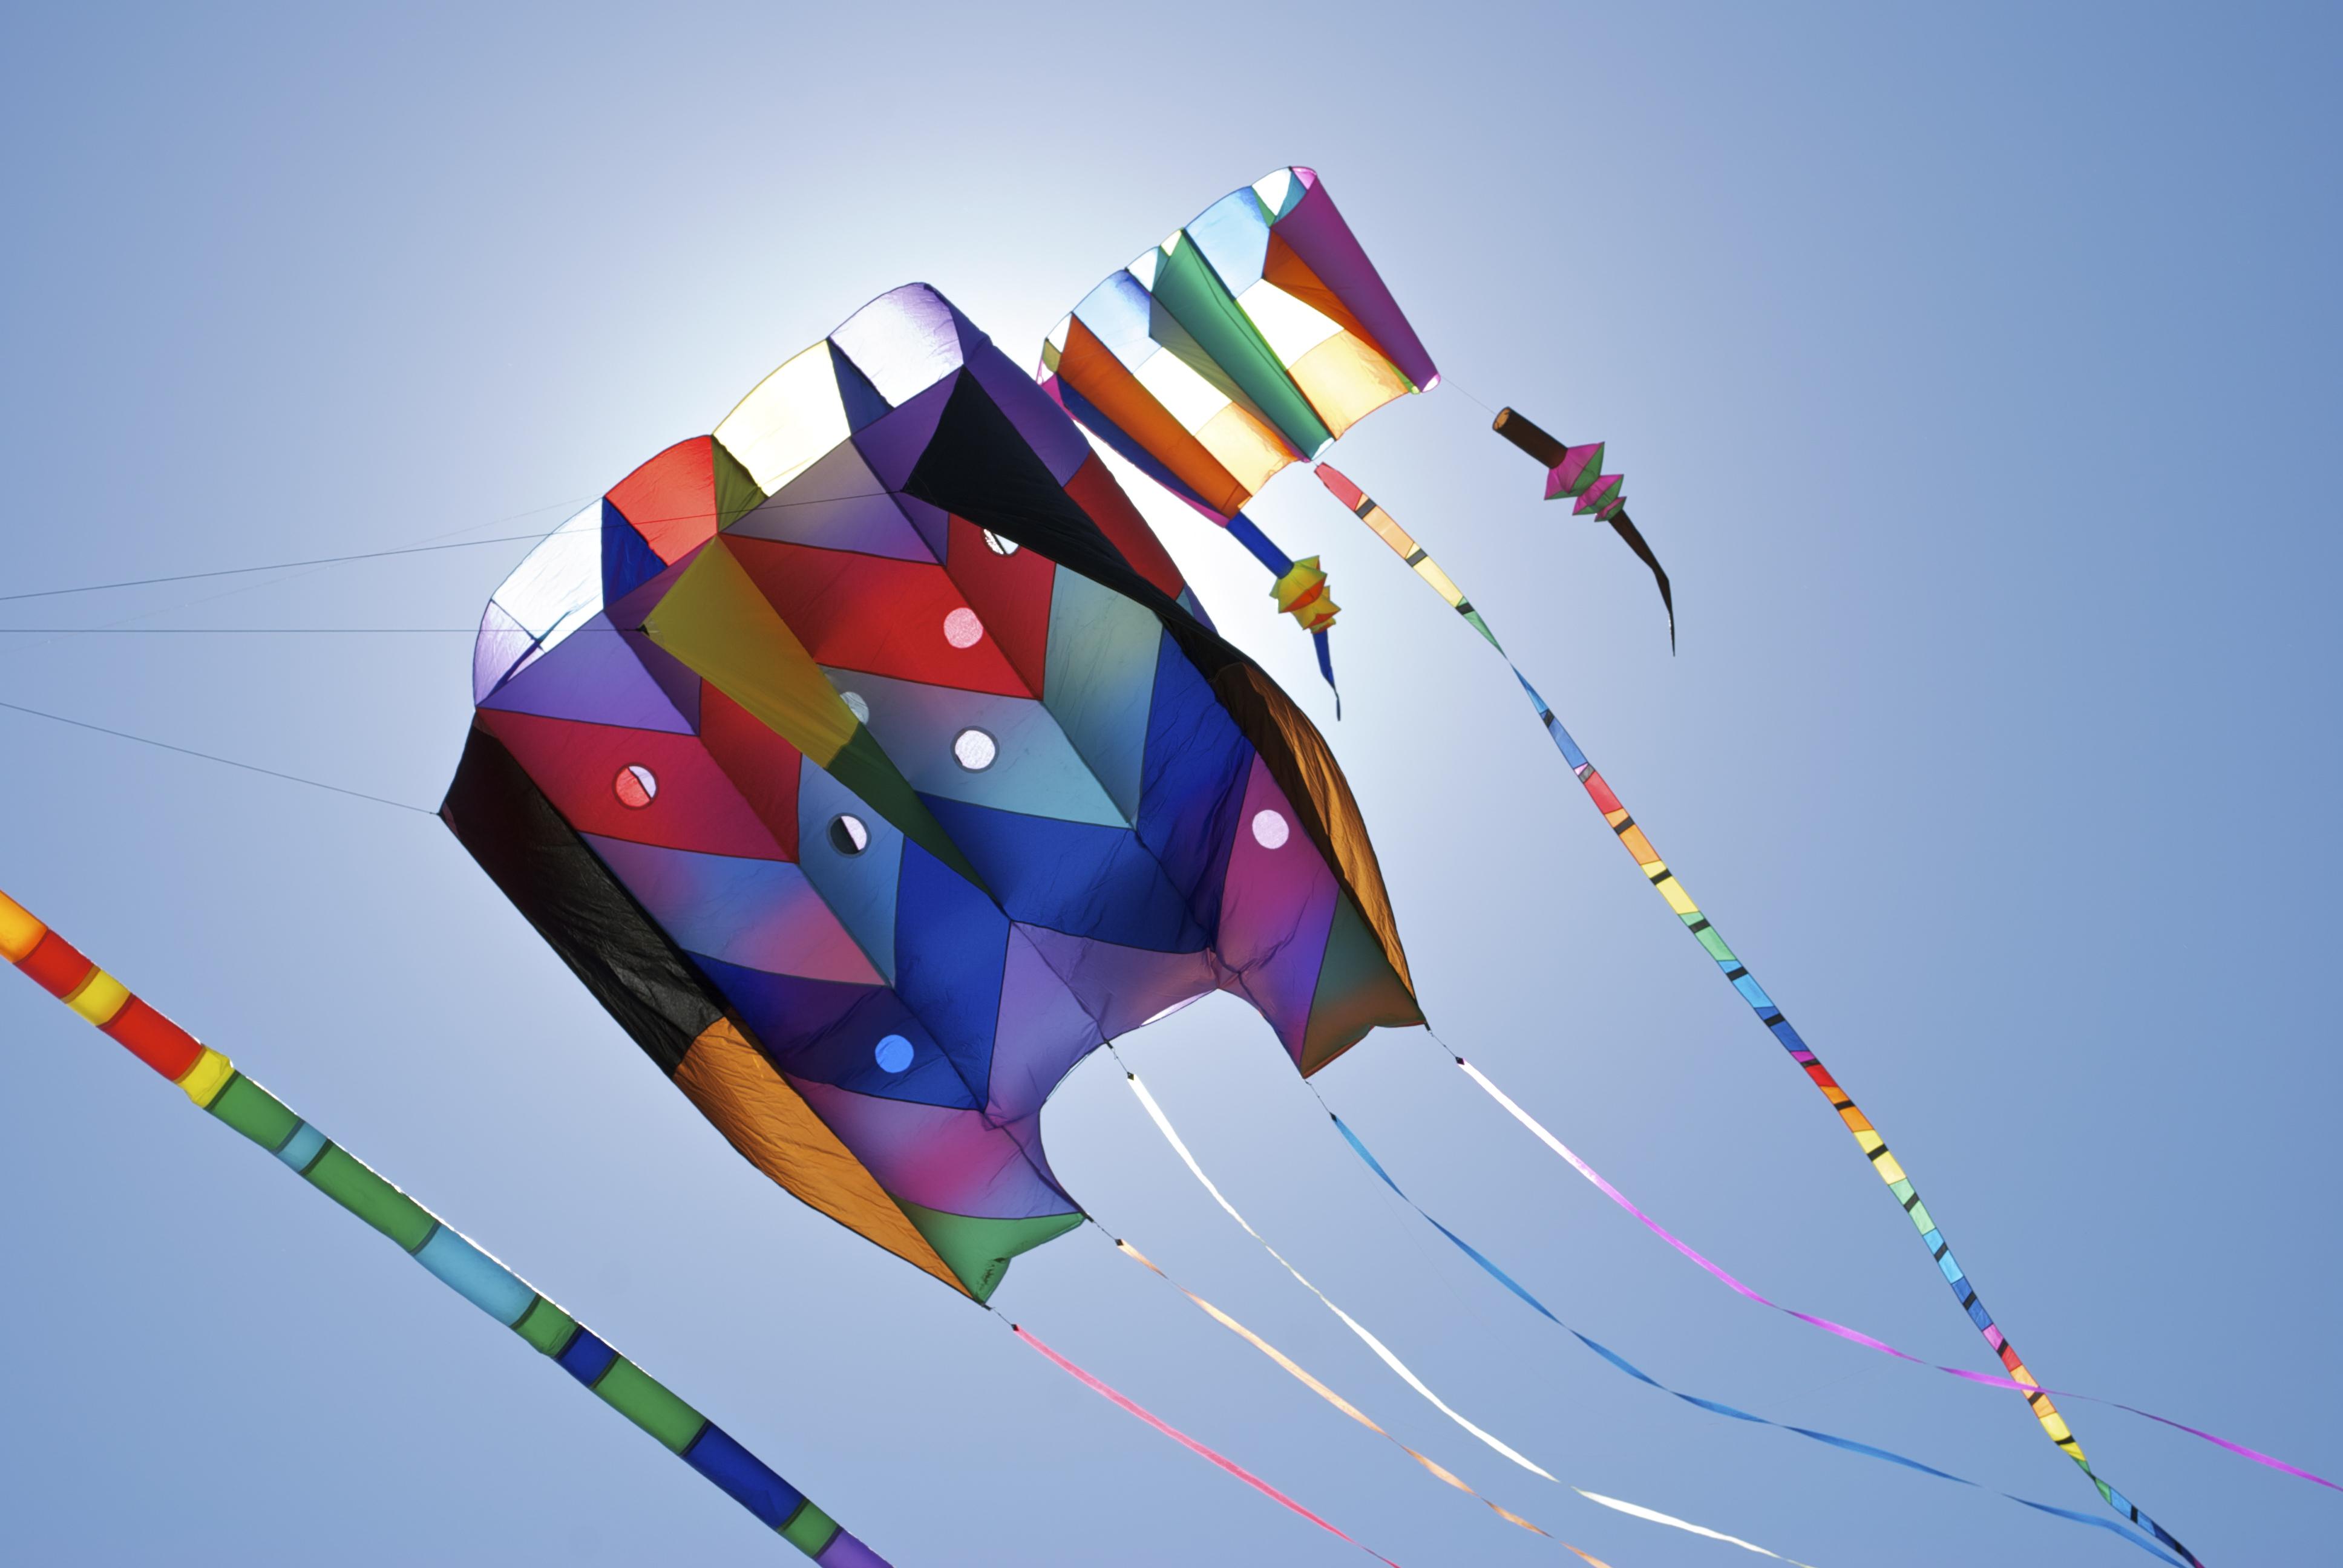 Homemade Kites by weRDunfo on DeviantArt